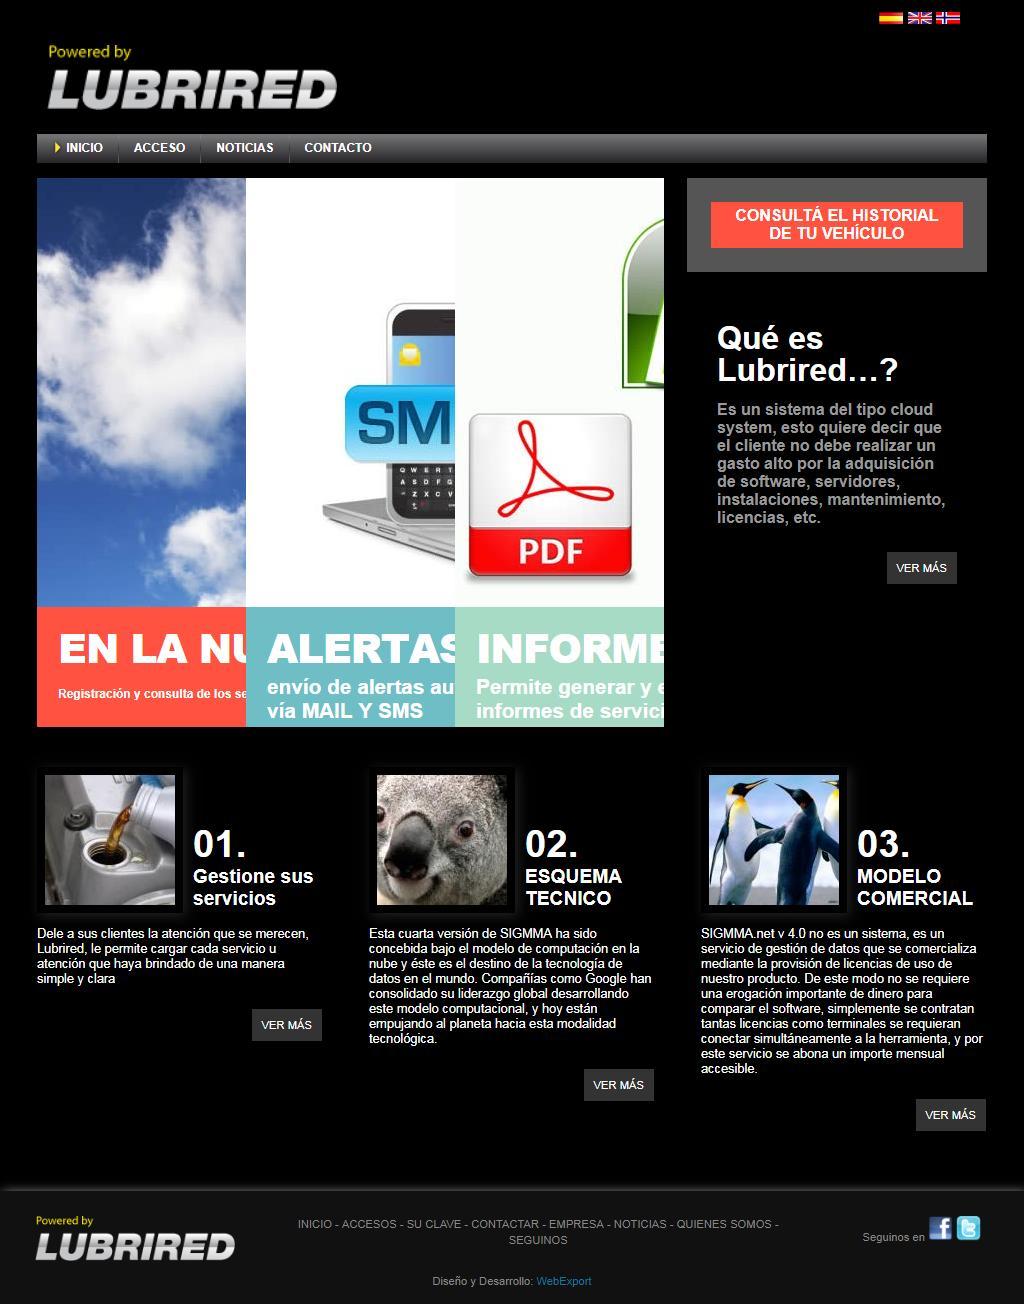 Pagina completa WebExport